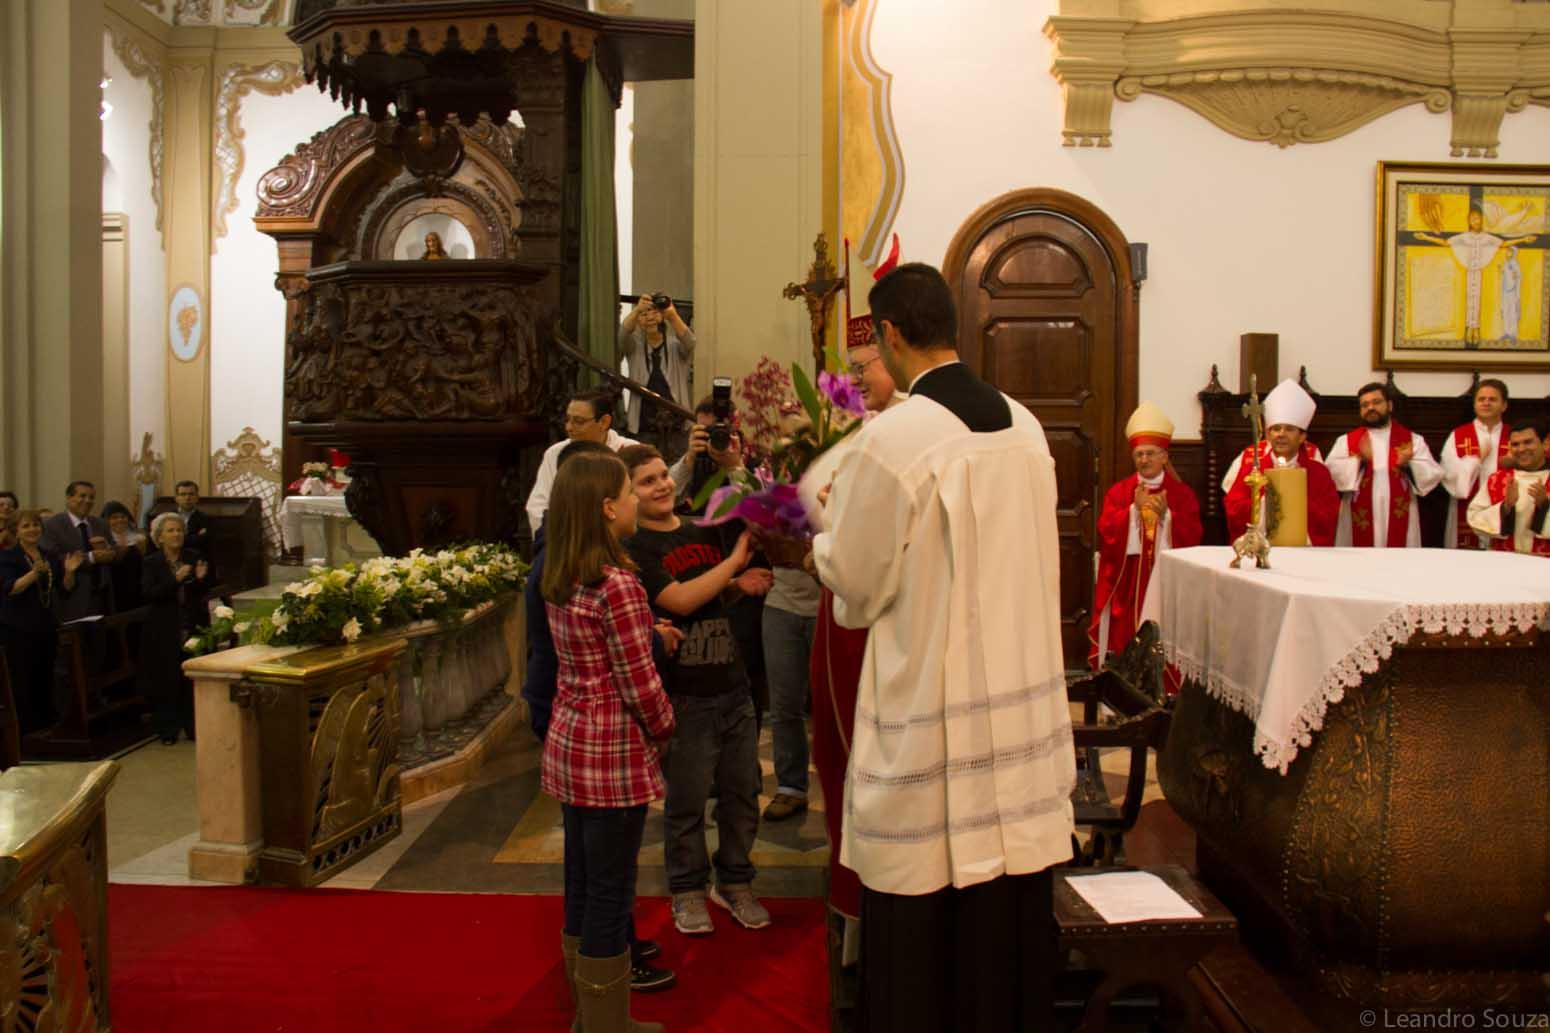 aniversario-de-don-odili-scherer-cardeal-arcebispo-de-sao-paulo-foto-arautos-do-evangelho-ls-blog-arautos-do-evangelho-divina-providencia-16